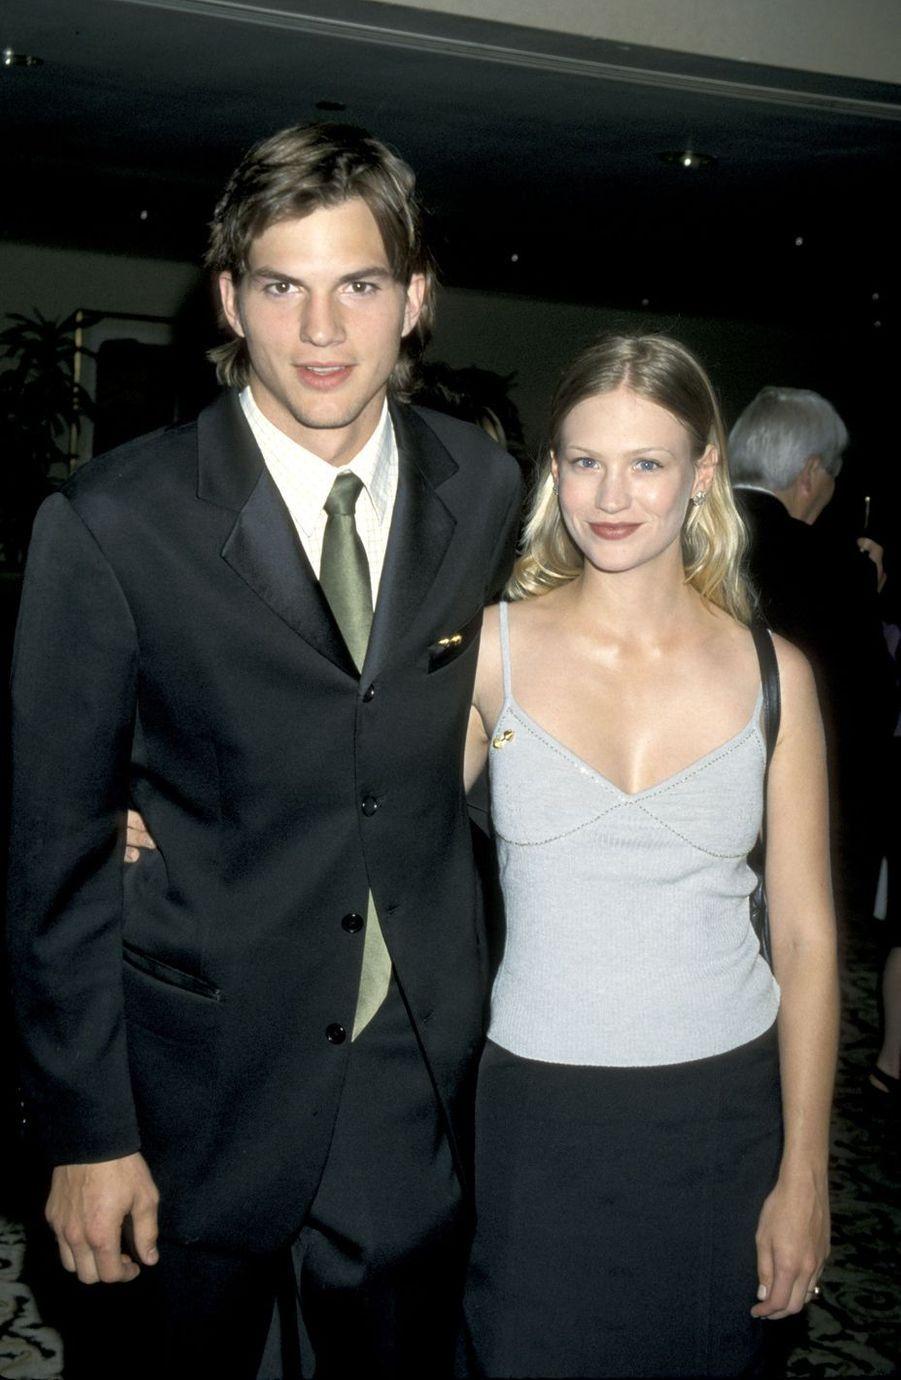 Ashton Kutcher et January Jones en 2000. Une relation qui a duré environ trois ans, de 1998 à 2001.